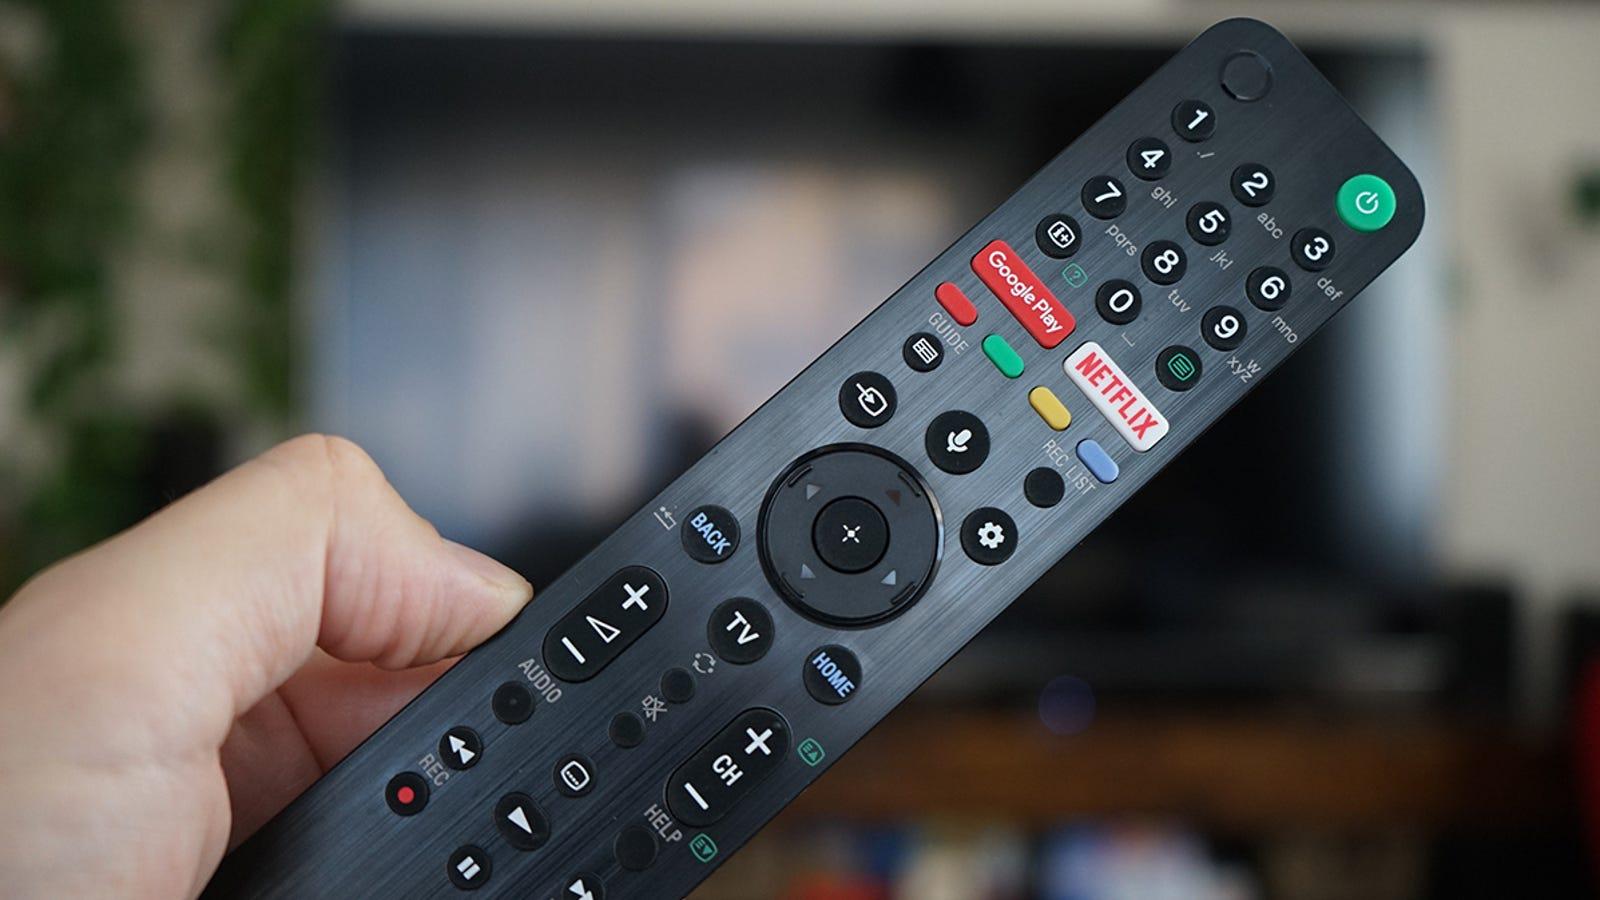 El mando tiene botones dedicados para Google Play y Netflix.